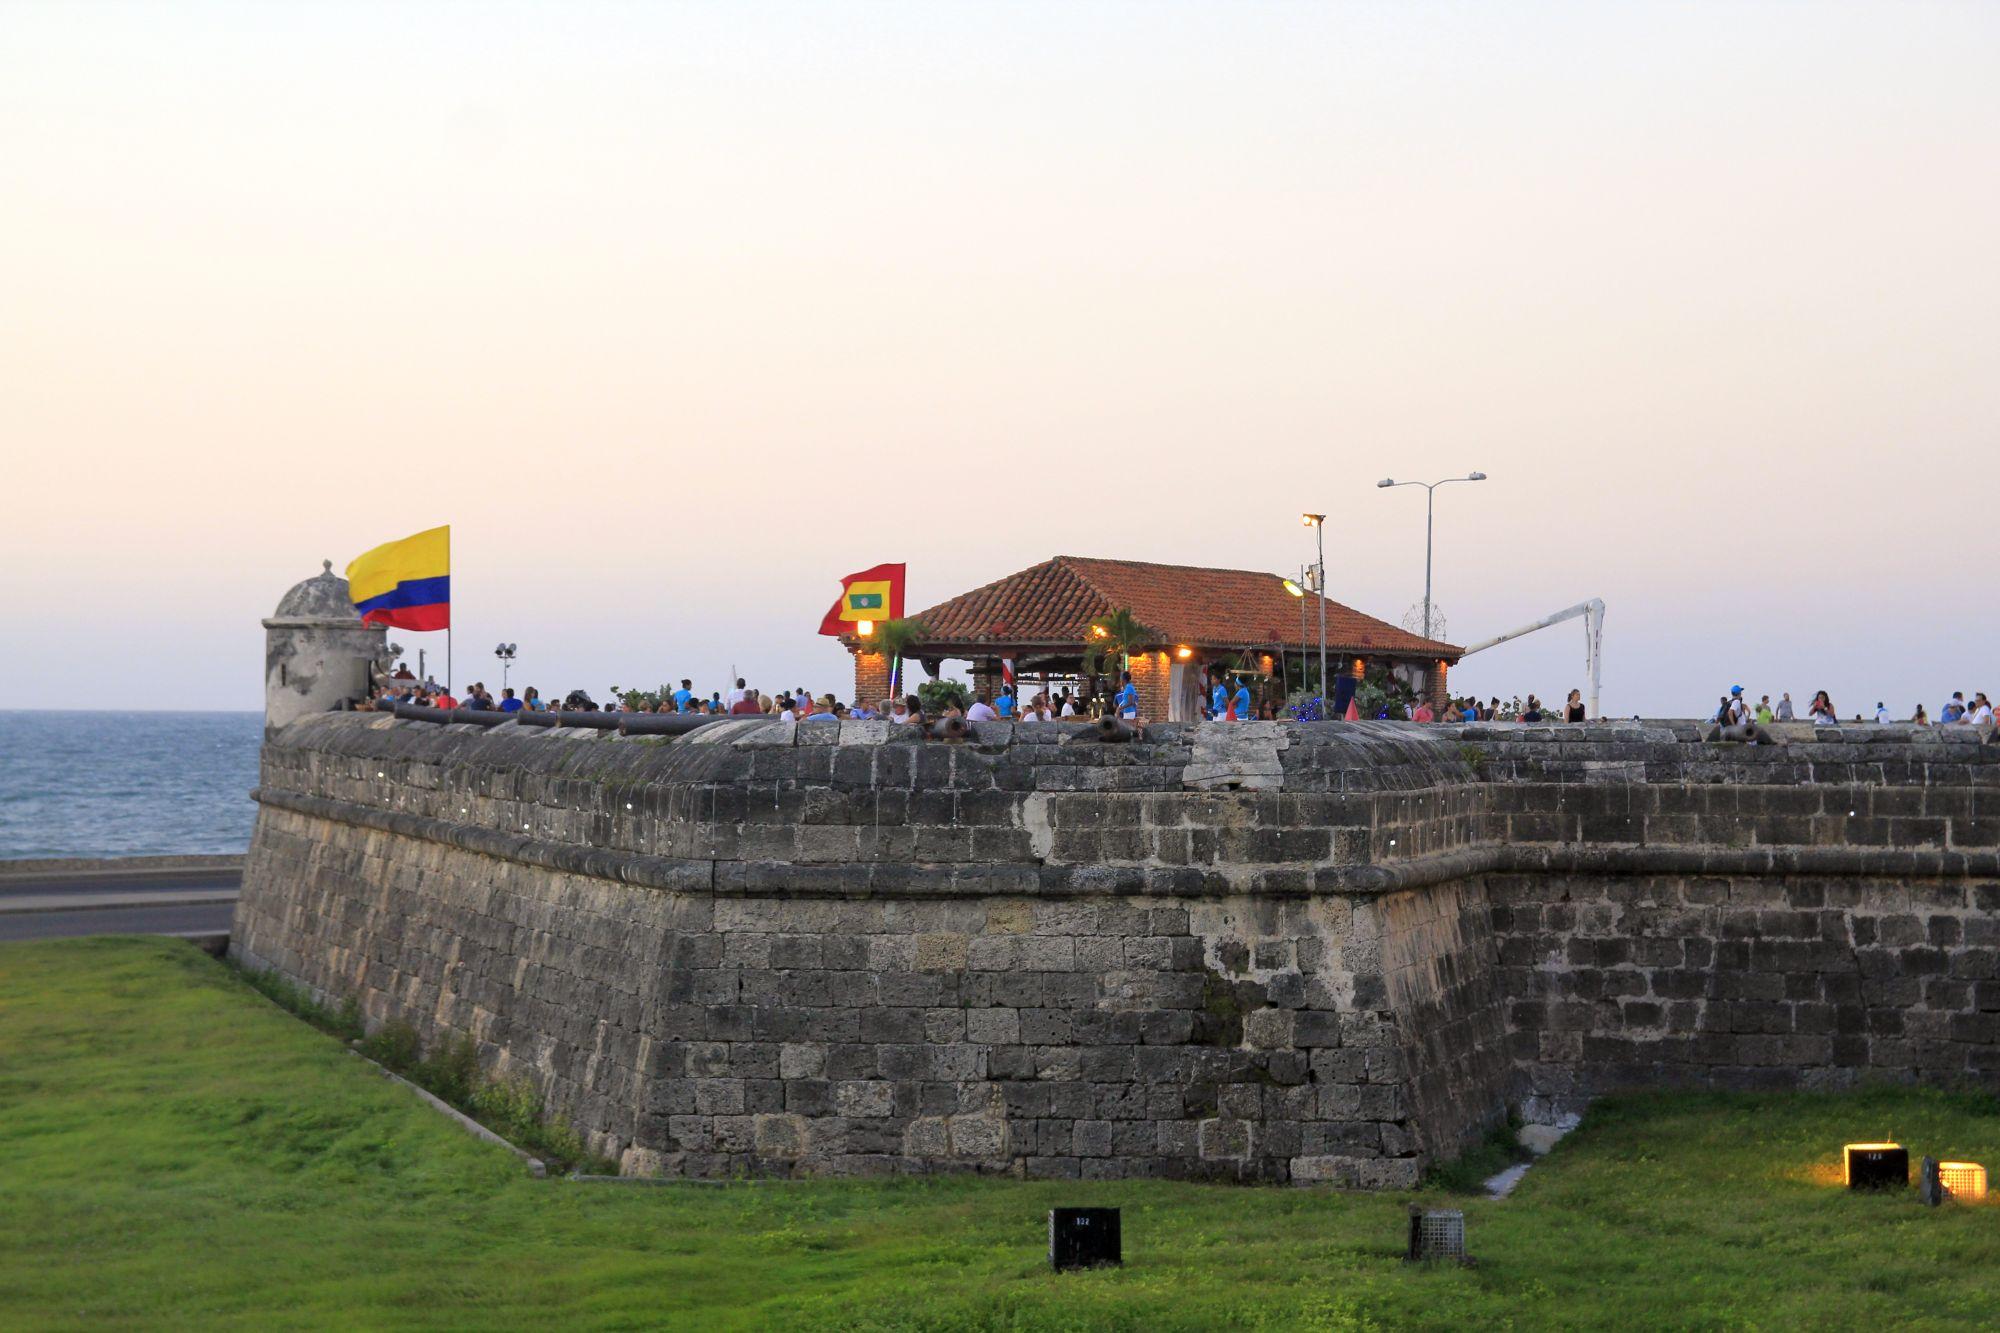 Cartagena, Columbien 2013